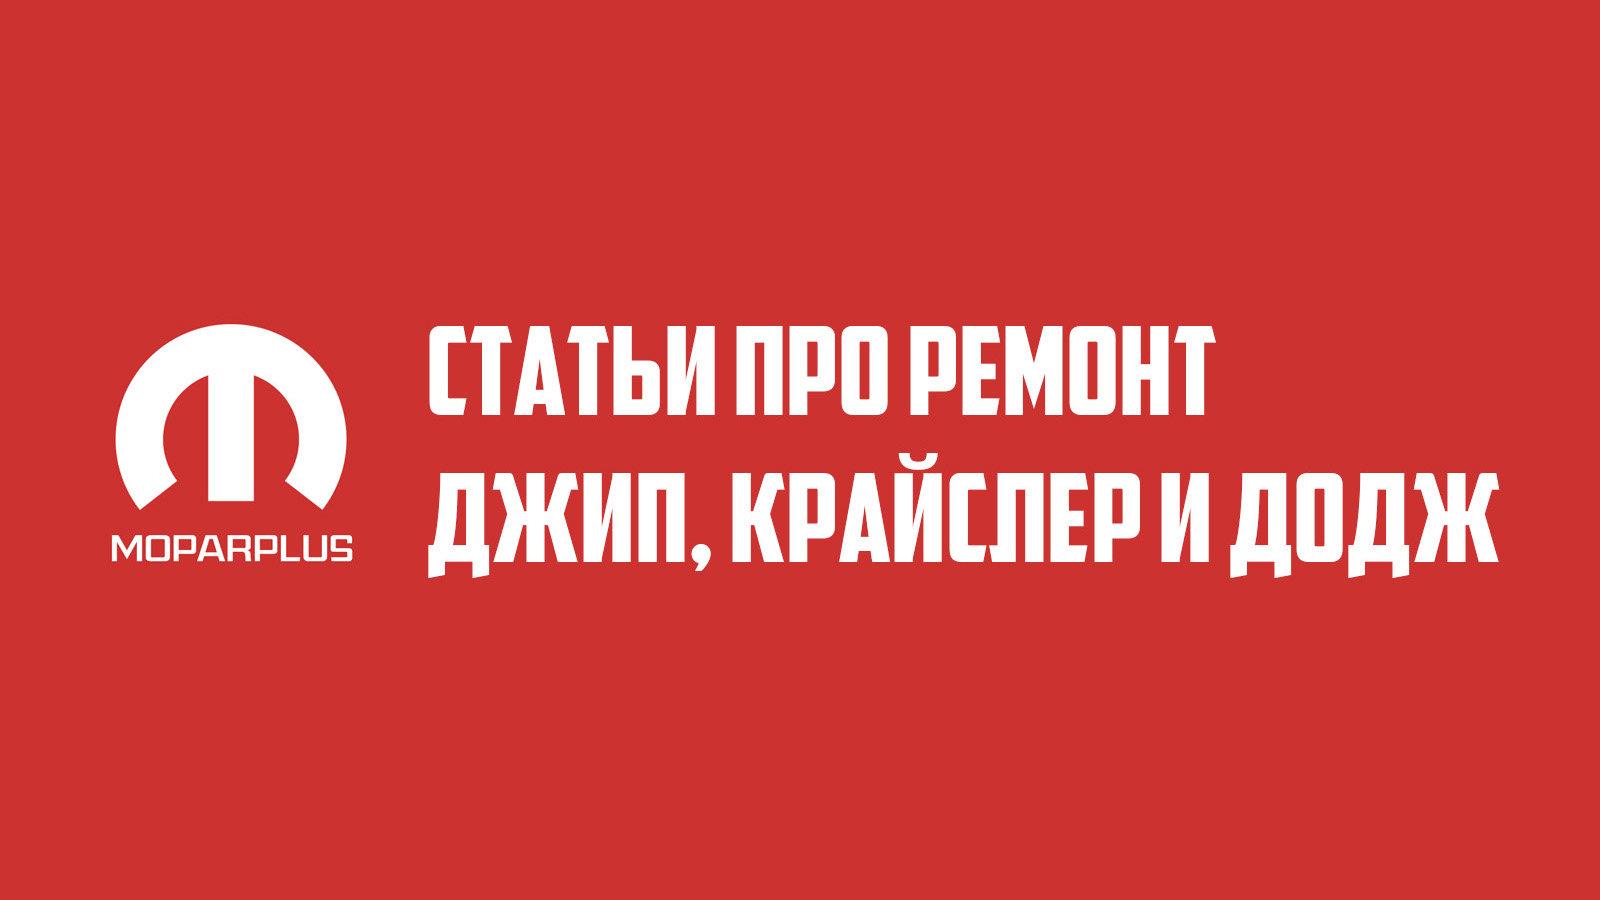 Статьи про ремонт. Выпуск №24.